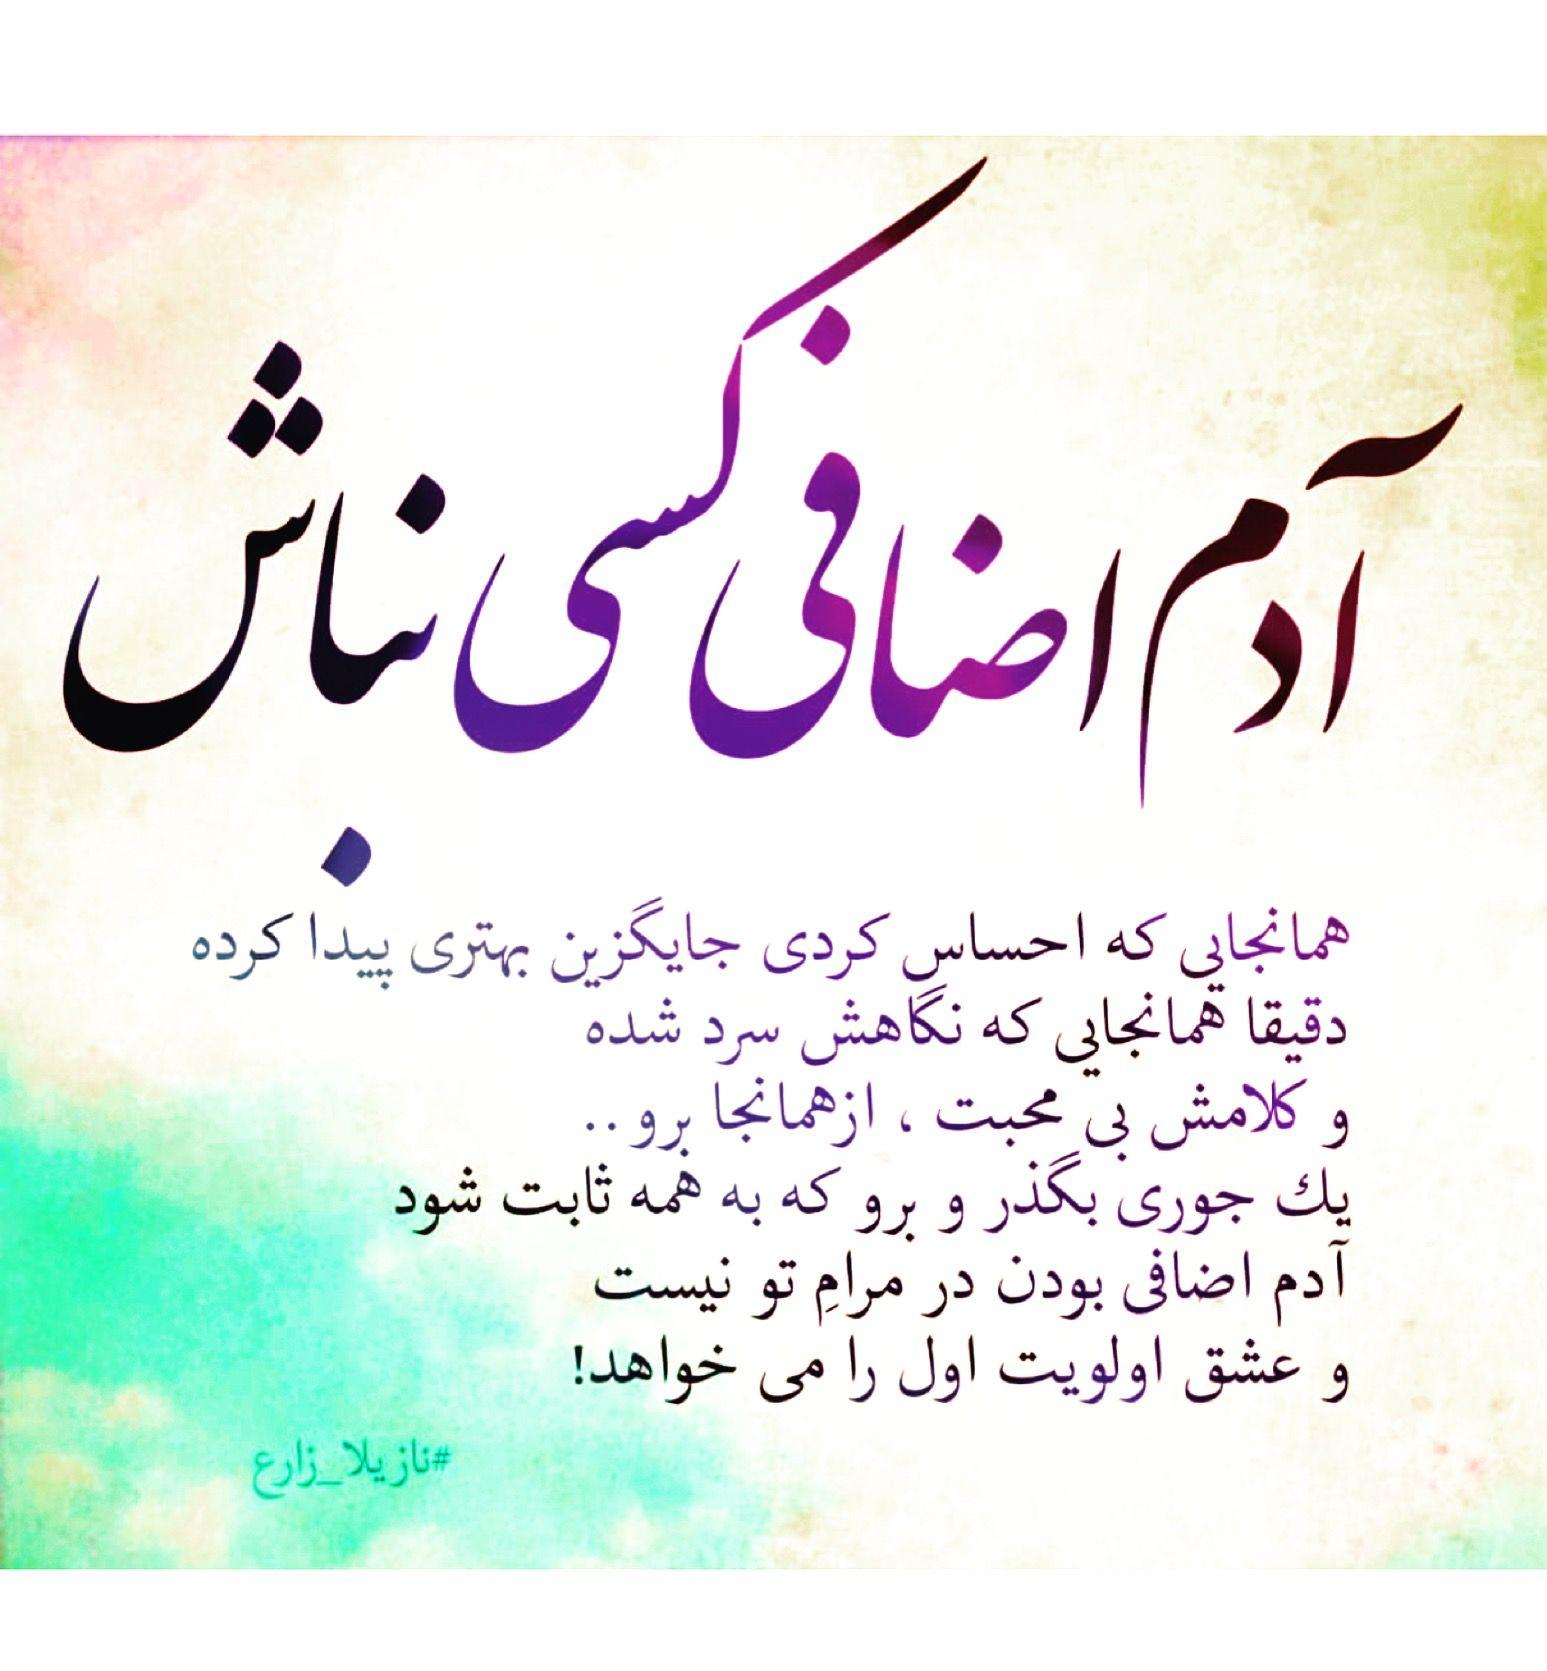 الویت زندگی Old Quotes Cute Wallpapers Quotes Farsi Quotes